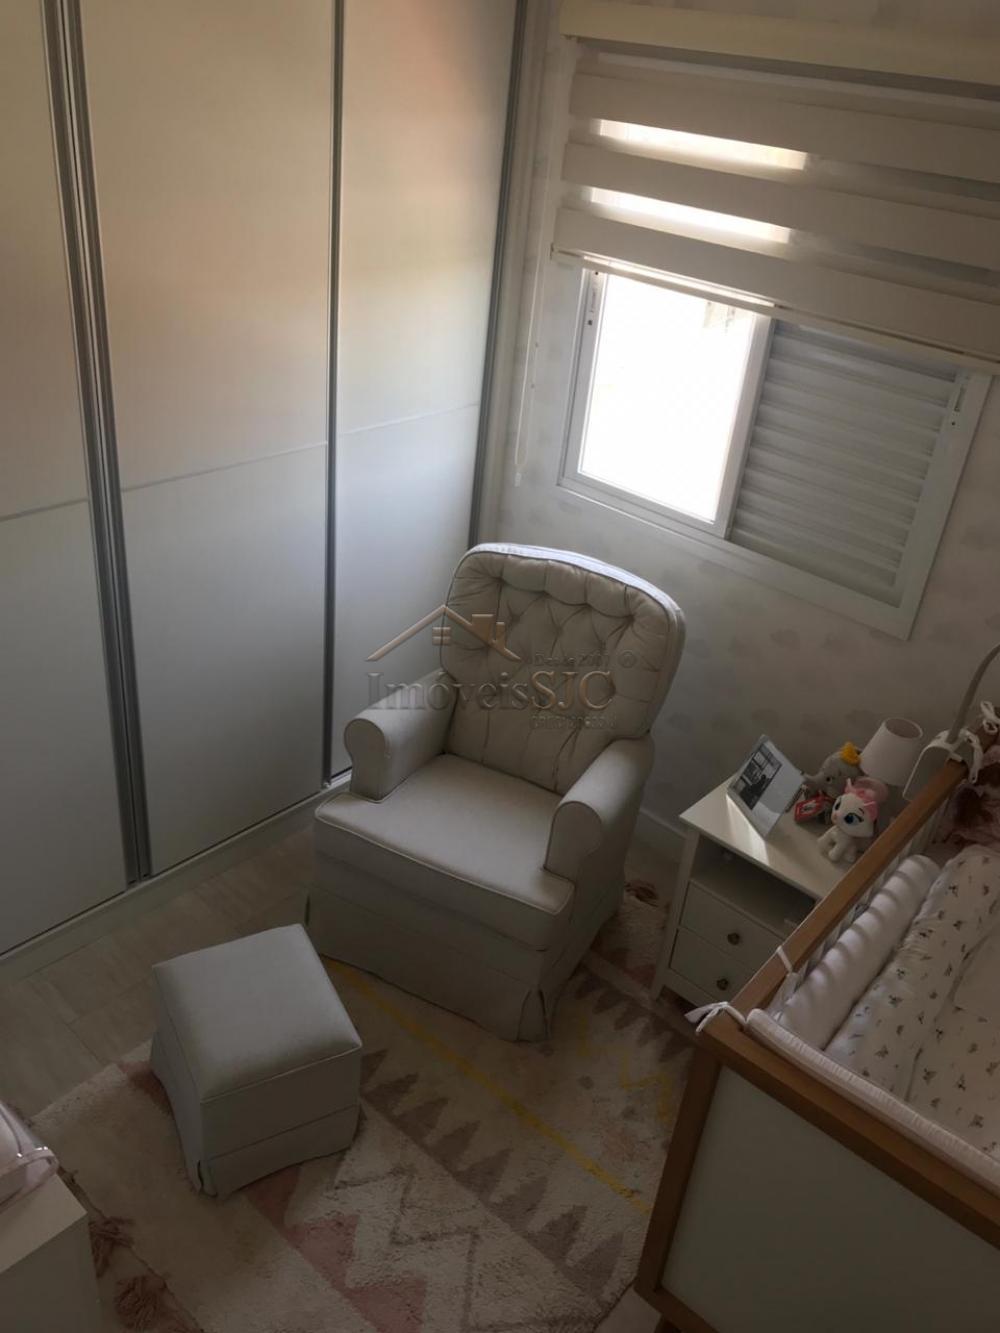 Comprar Apartamentos / Padrão em São José dos Campos apenas R$ 470.000,00 - Foto 19